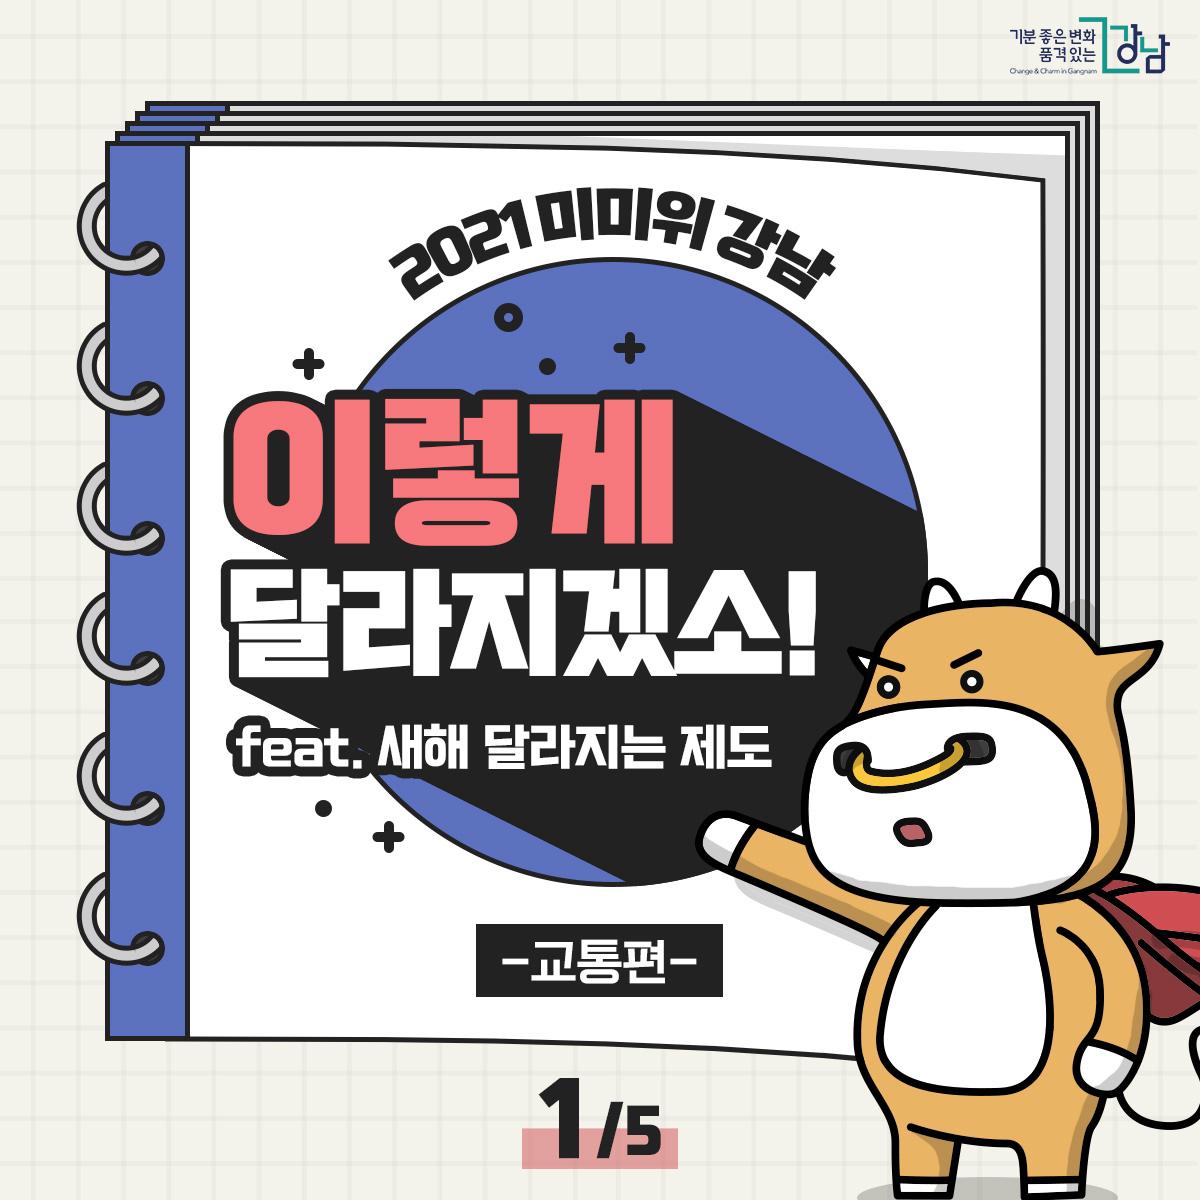 2021 미미위 강남, 이렇게 달라지겠소! (feat, 새해 달라지는 제도) -교통편-